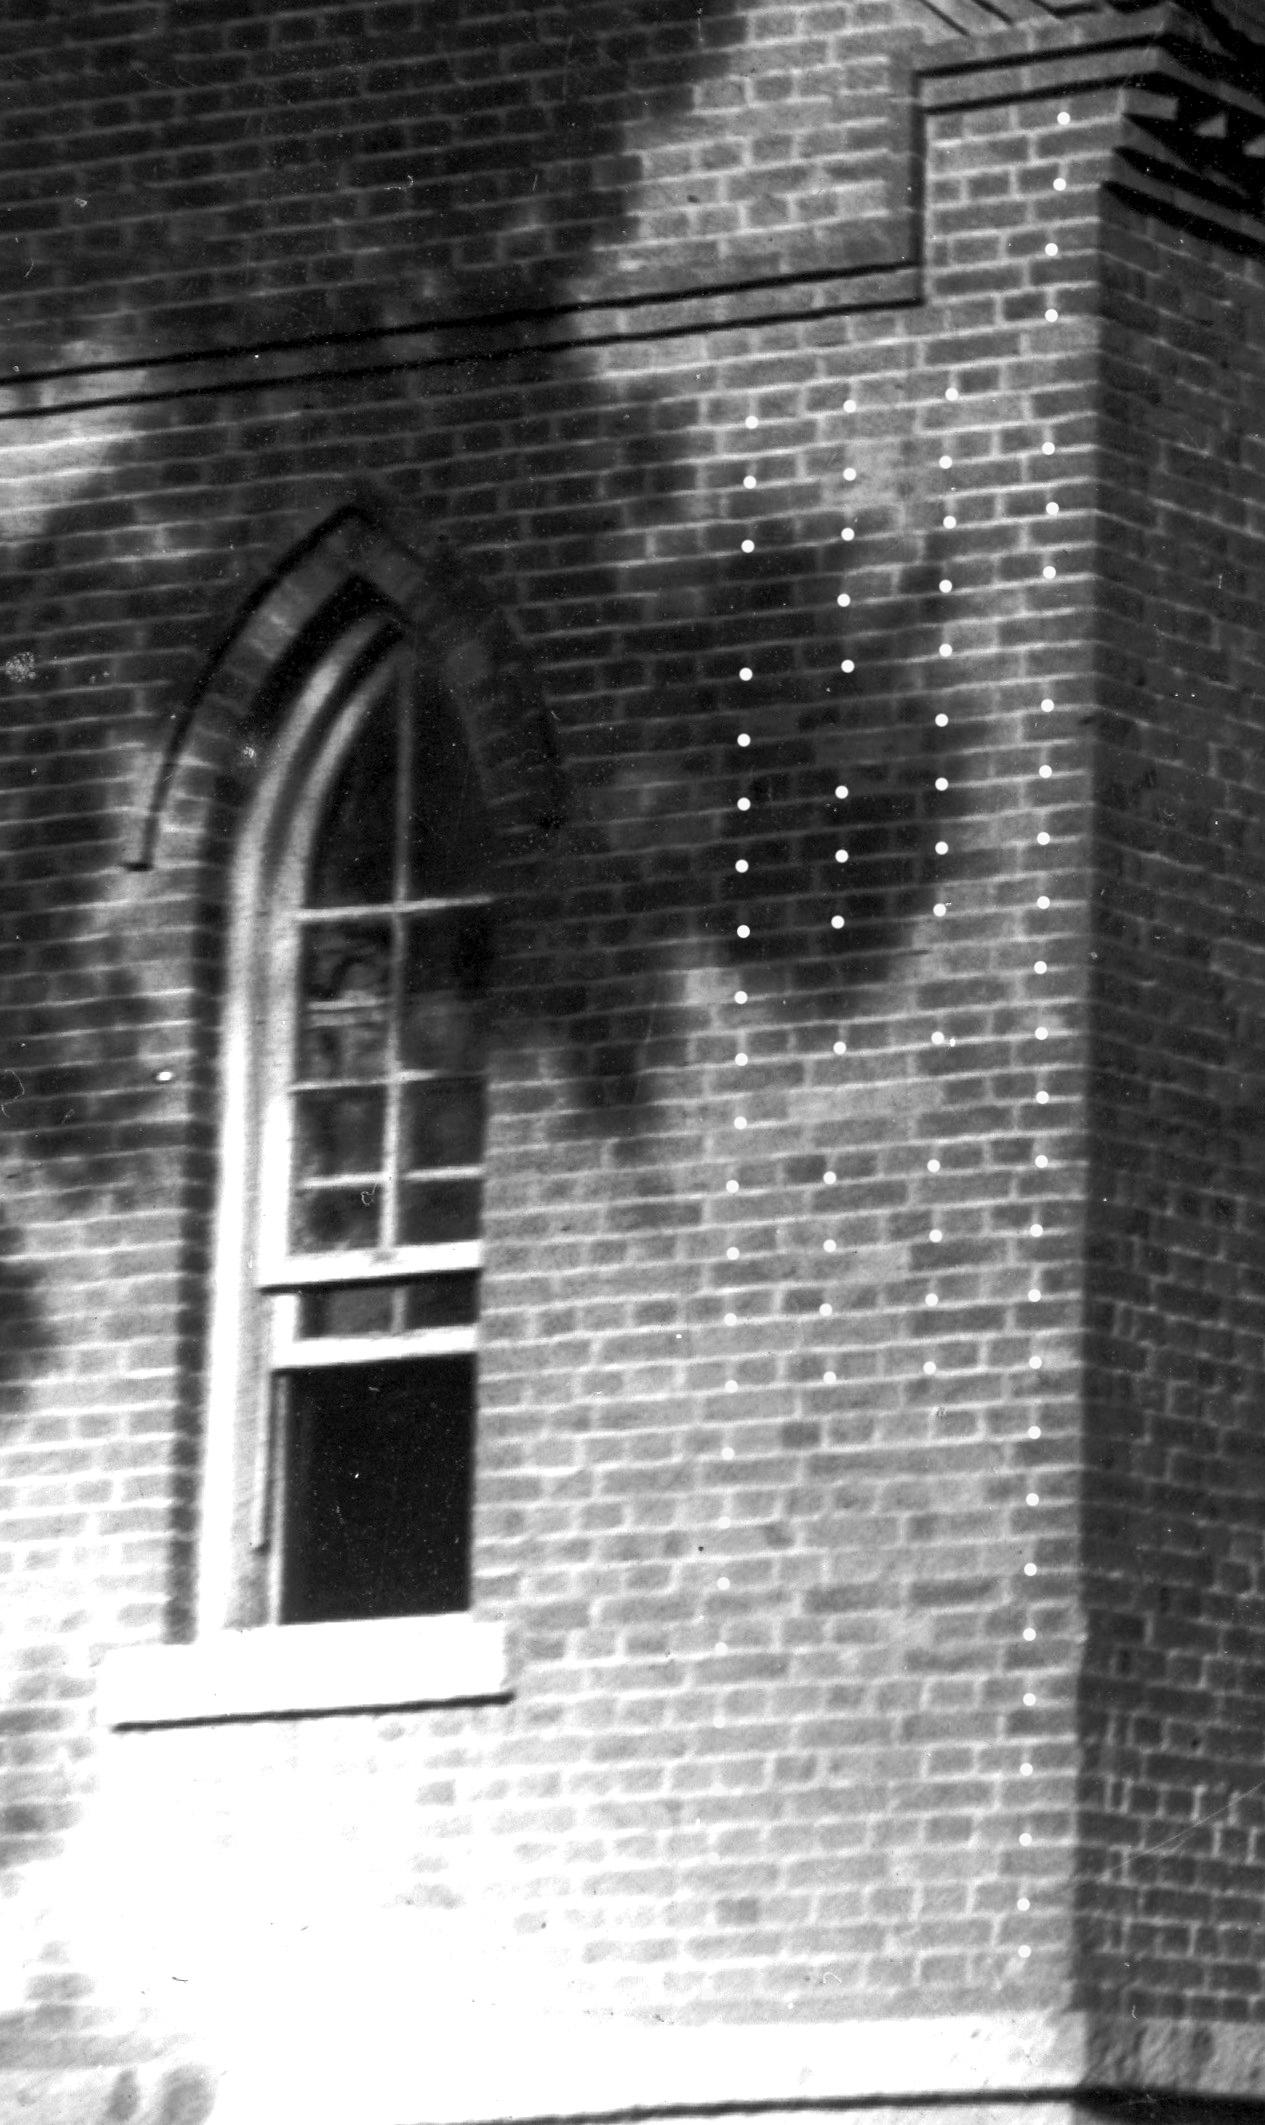 웨슬리예배당 동쪽 앱스부분 벽돌쌓기(메지일정=벽돌규격일정)